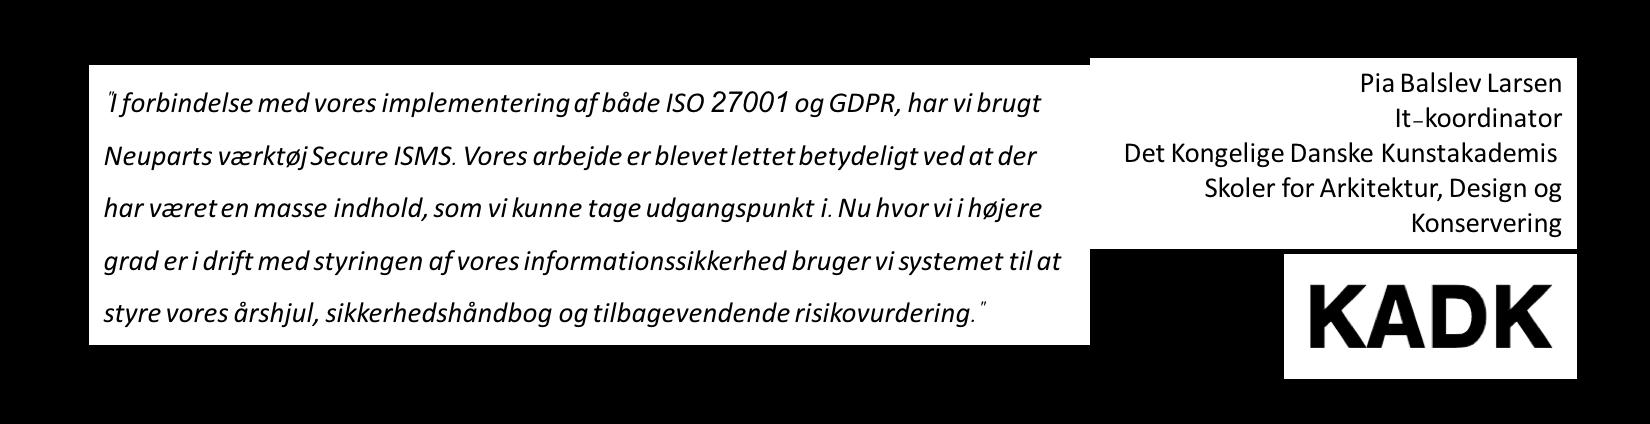 ISO 27001 - GDPR - informationssikkerhed - sikkerhedshåndbog - risikostyring - årshjul